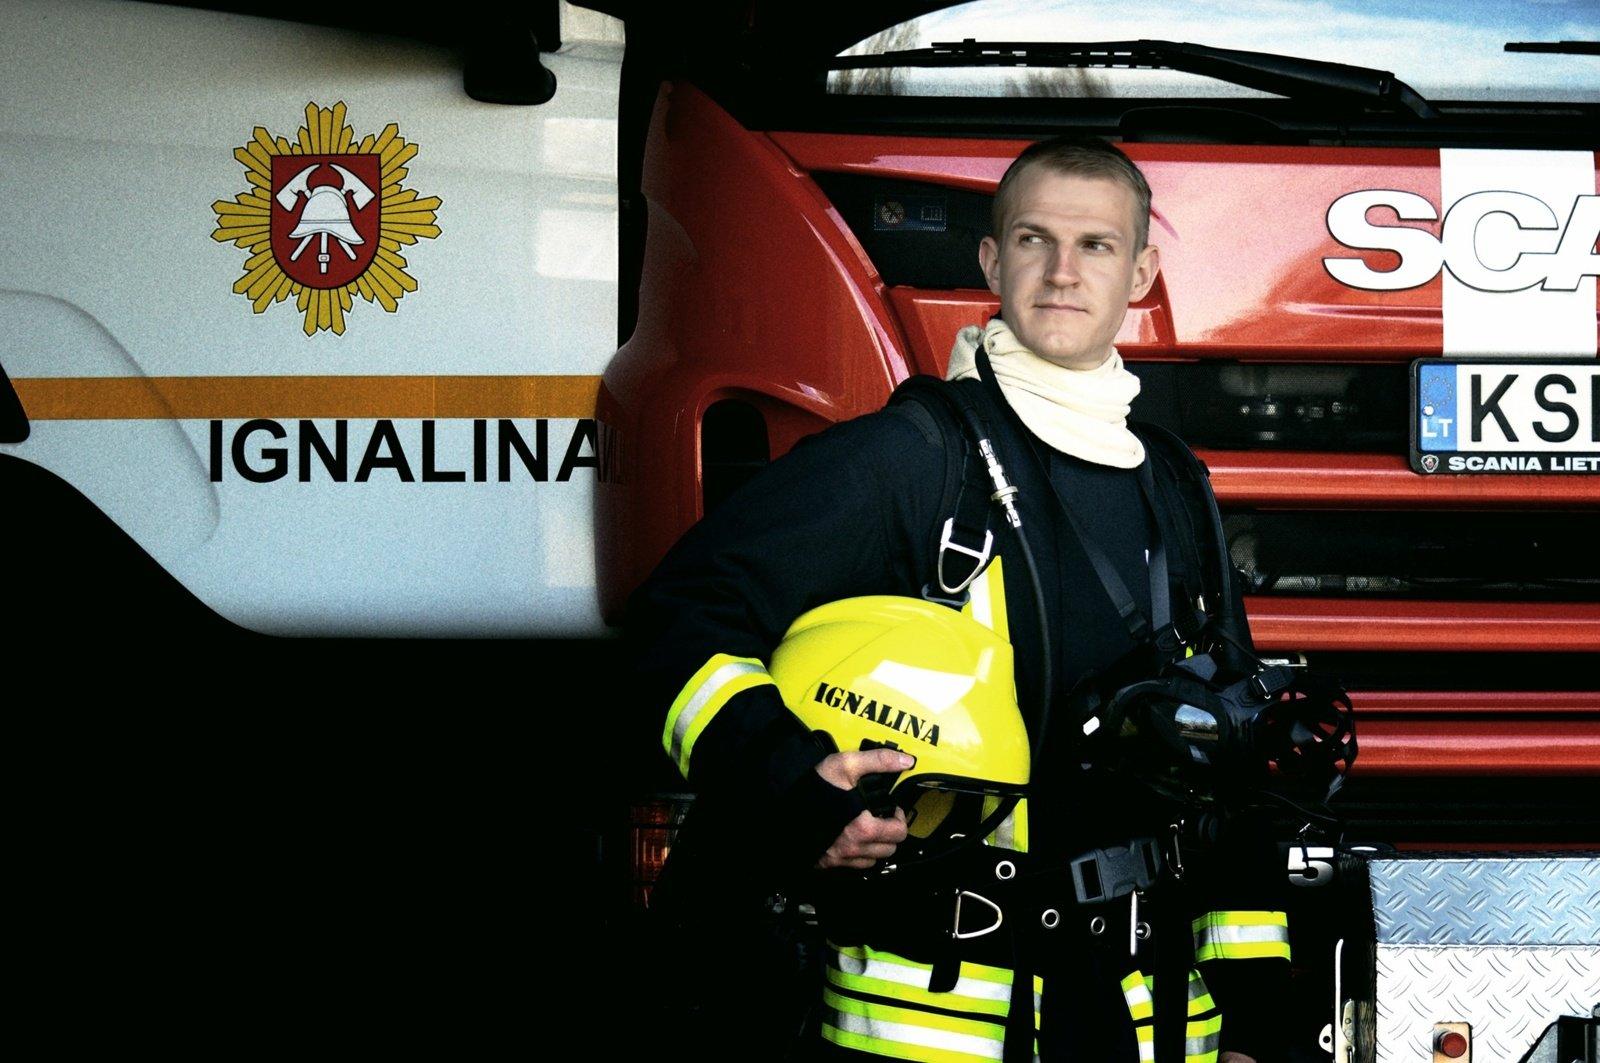 """Ignalinos ugniagesys gelbėtojas Remigijus Michailovas: """"Tarnauti žmonėms, gelbėti jų gyvybes ir turtą man reiškia labai daug"""""""